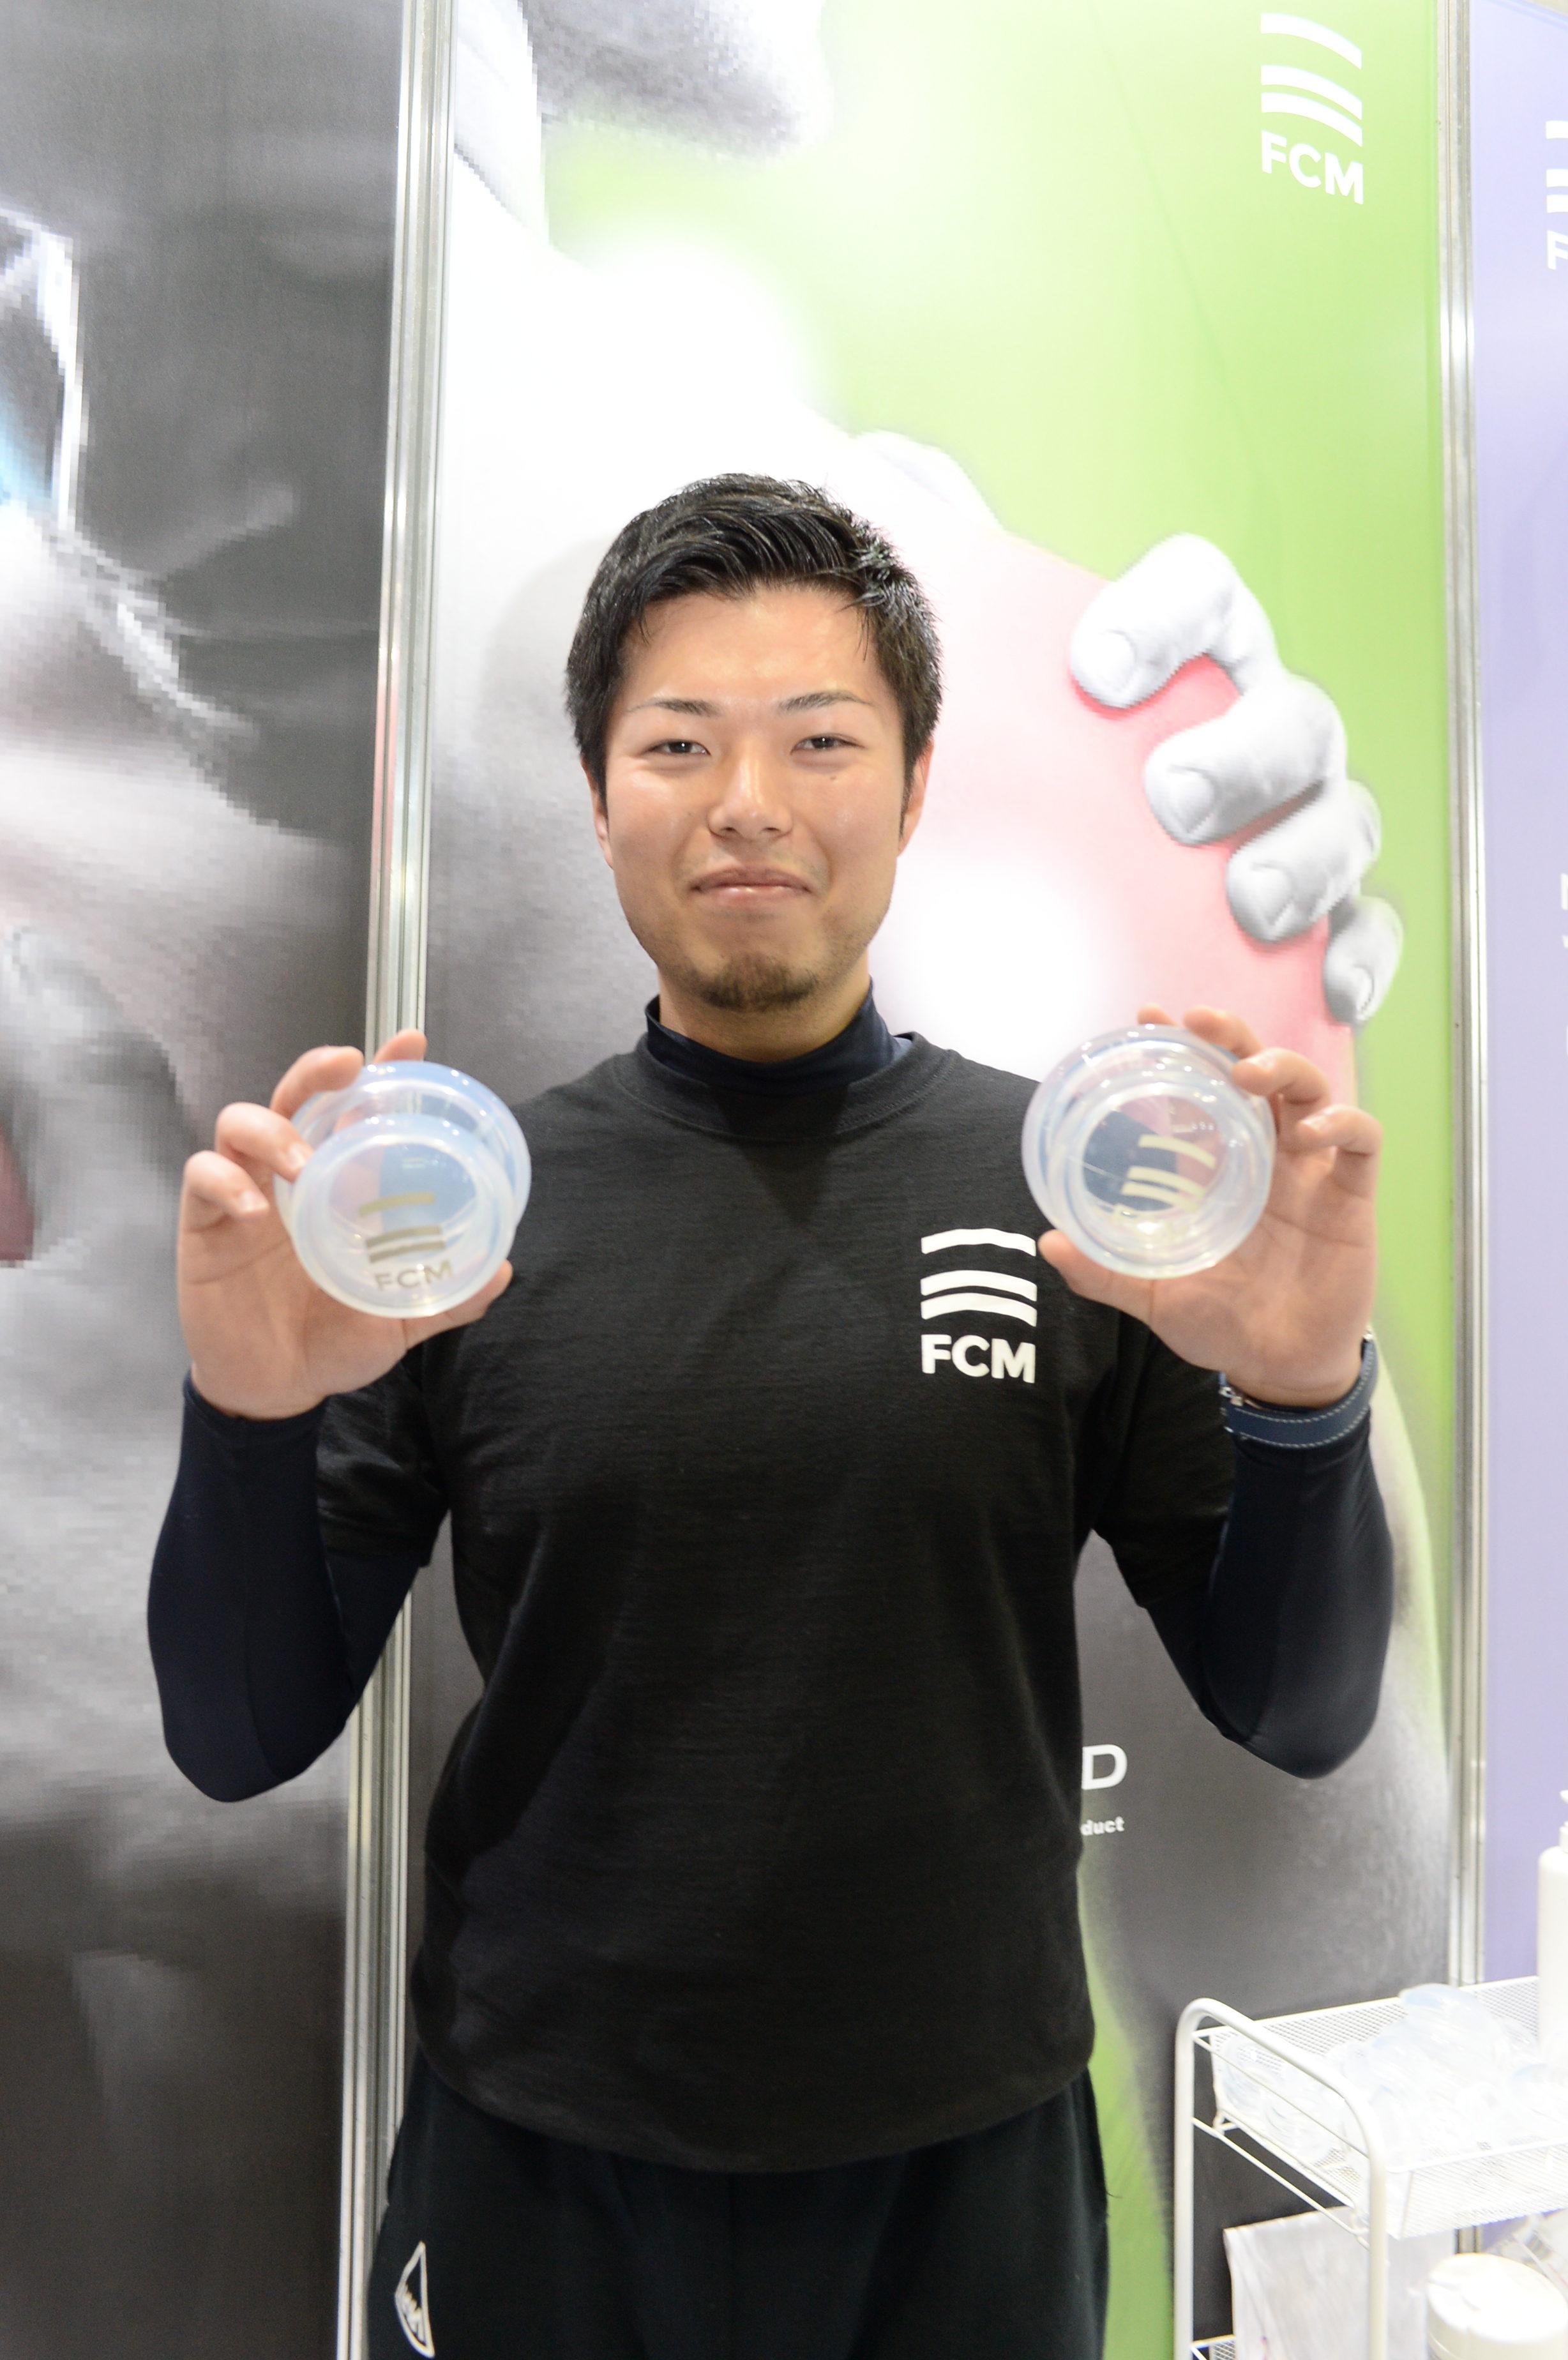 【東京】1月14日(月祝)GASA×ファイテン FCMセルフケア体験会 |講師写真グローバルアスリートサポート協会 [GASA]